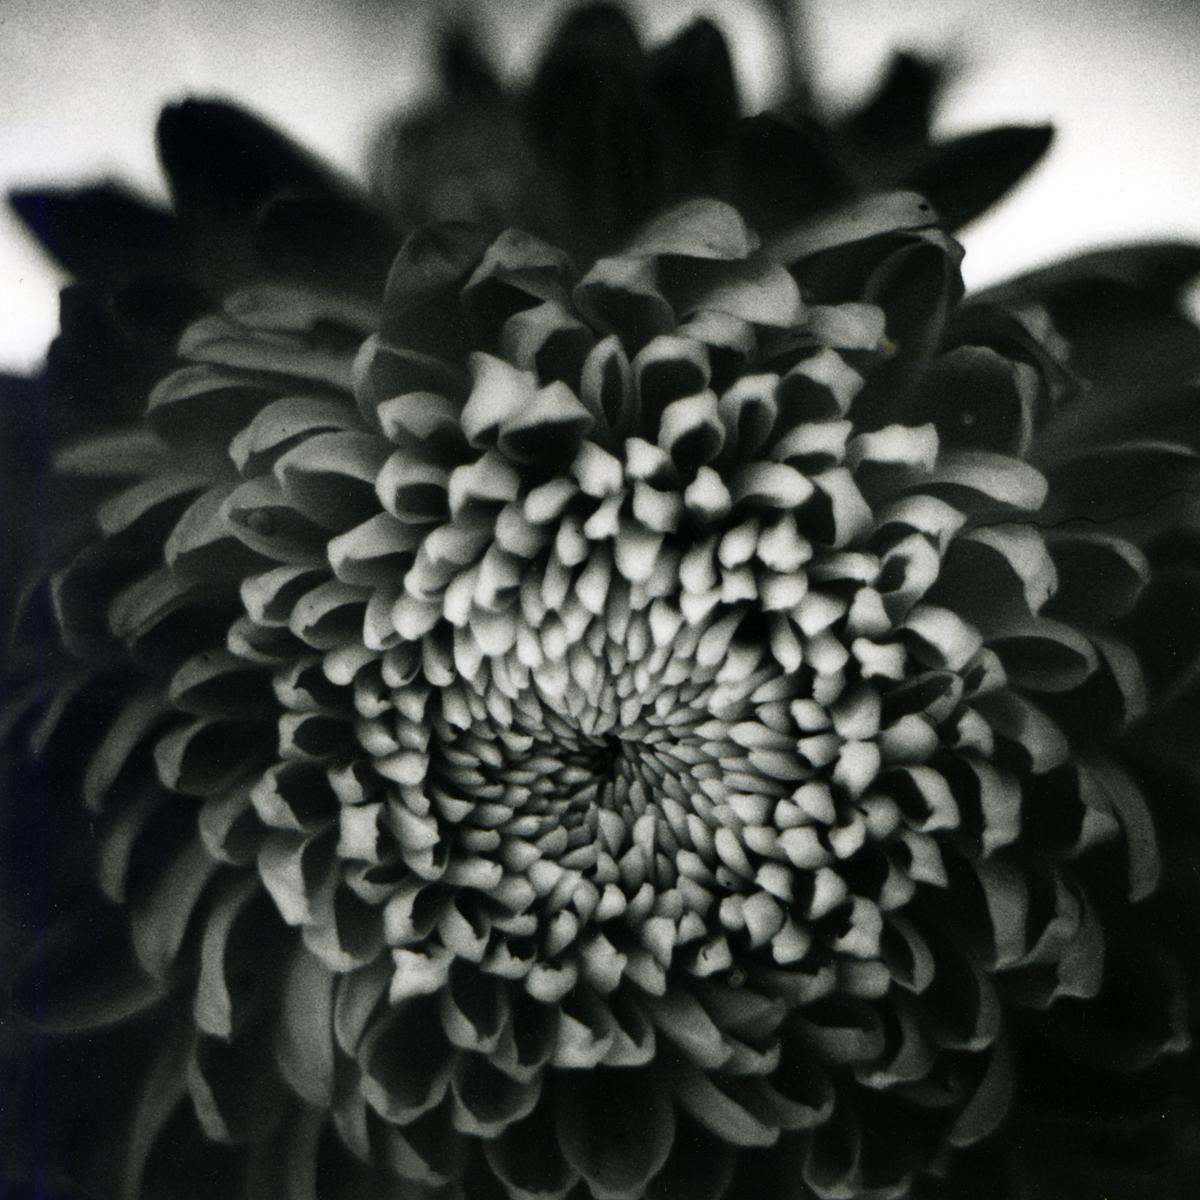 Chrysanthemum 2, 2014